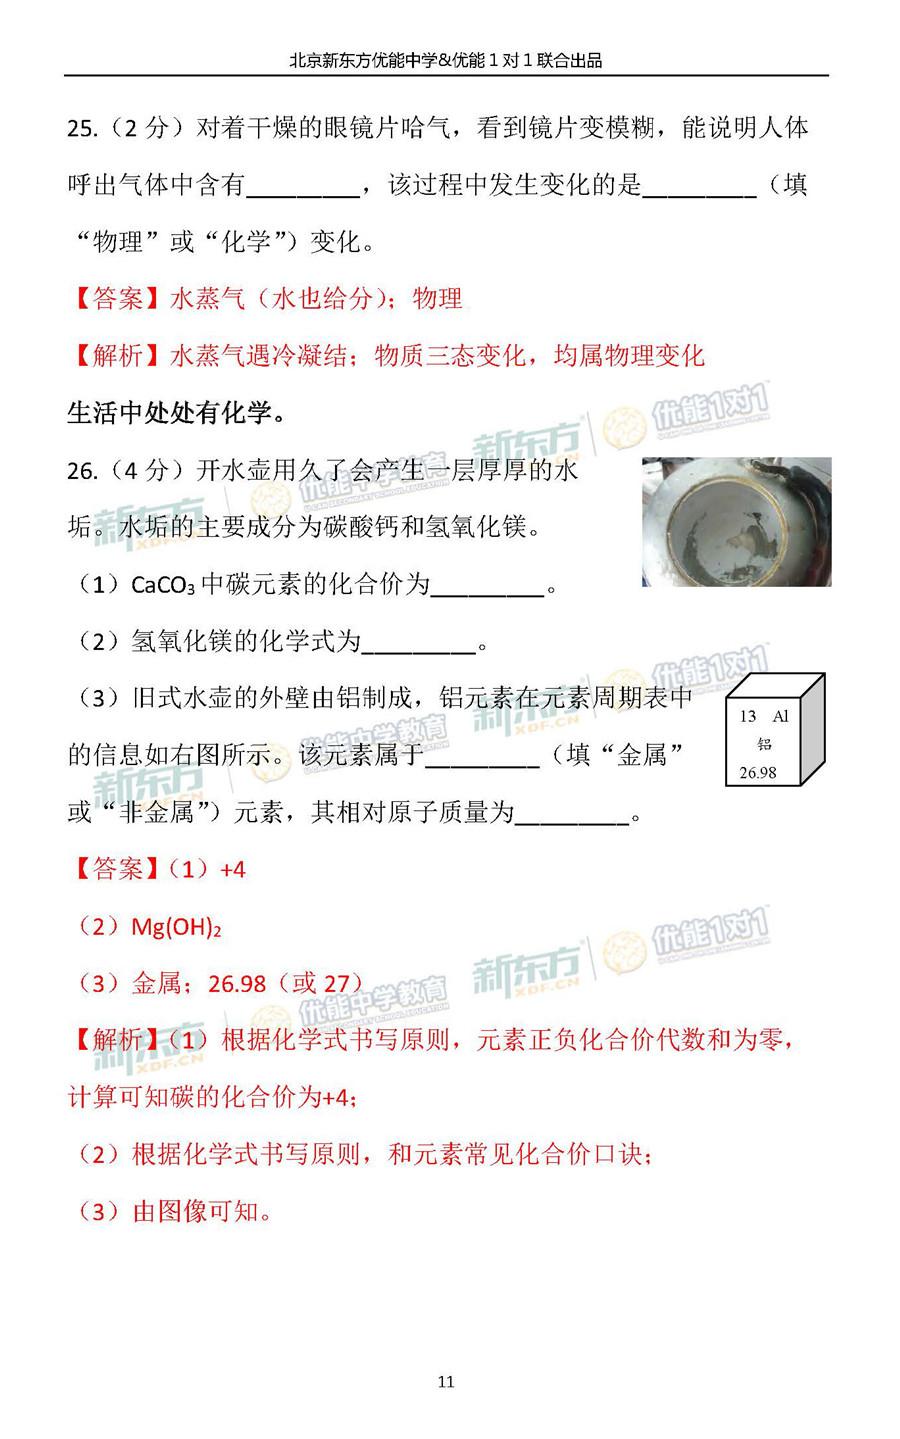 2018-2019学年北京海淀初三期中化学试题及答案解析